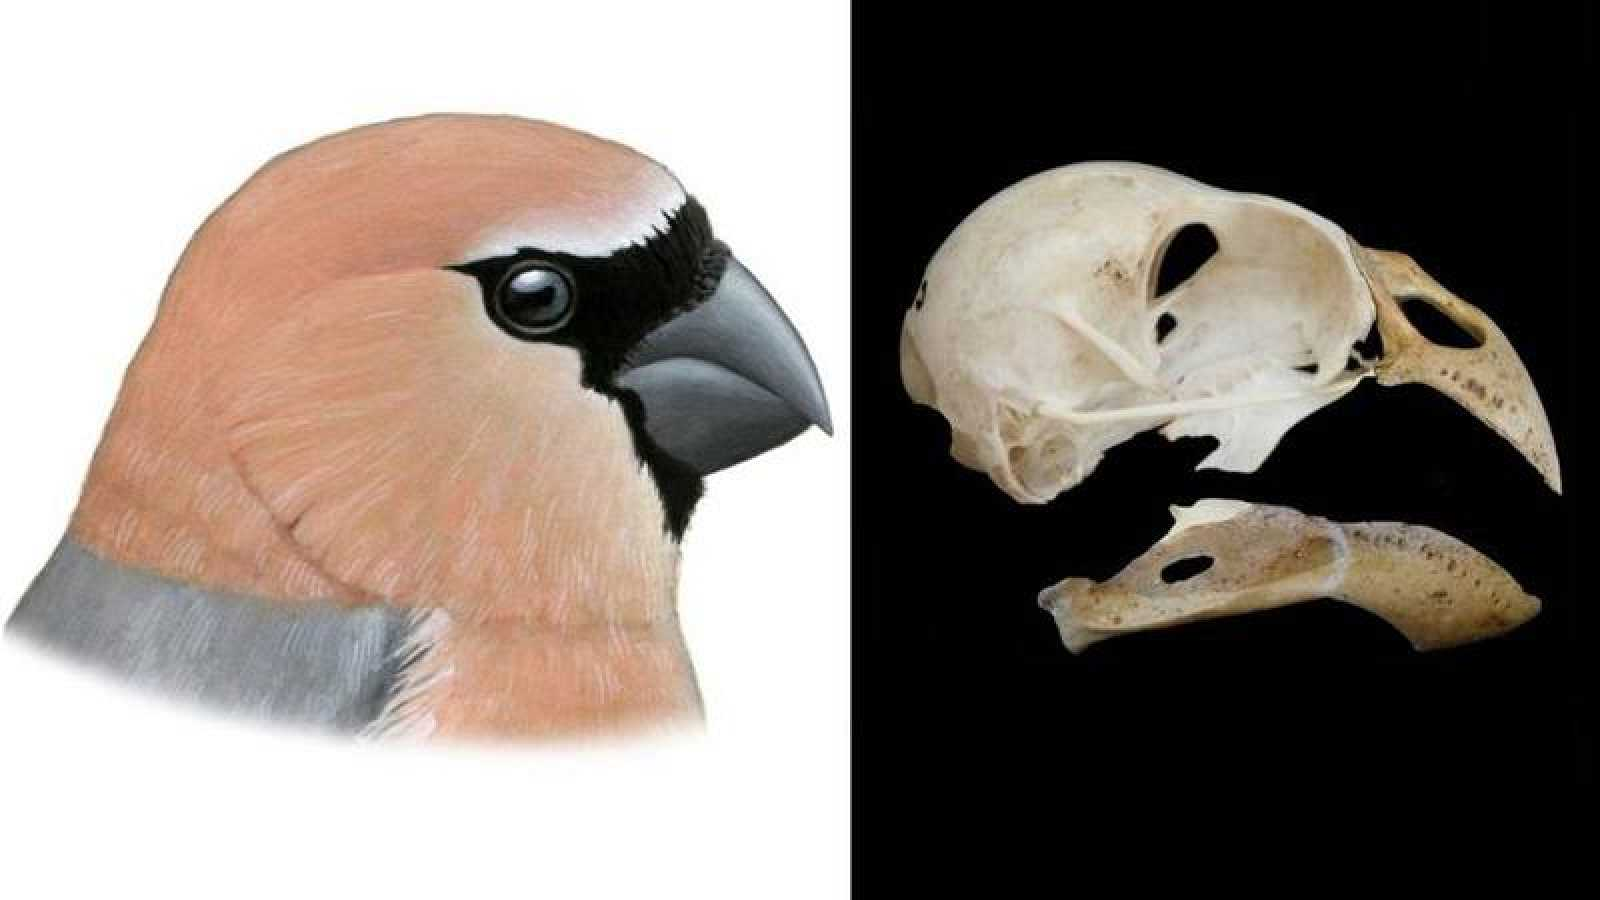 Reconstrucción de Pyrrhula crassa (izquierda) y cráneo reconstruido (derecha).